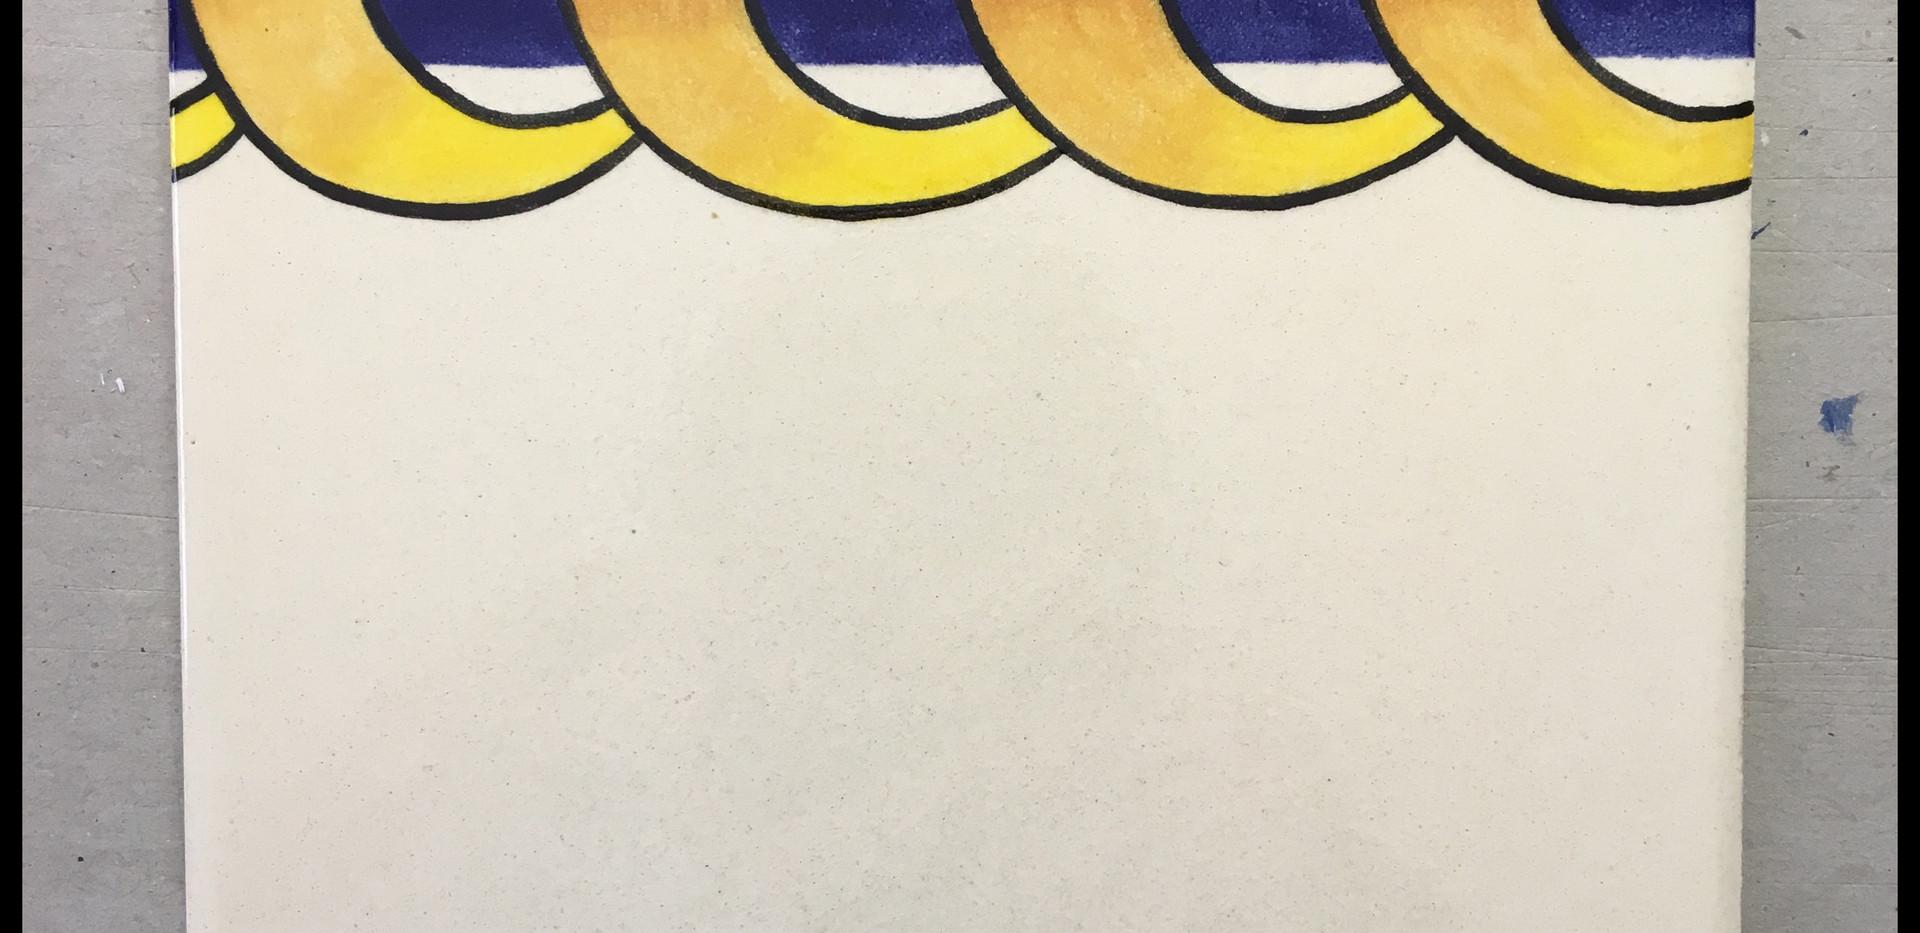 tile-hand-painted-glazed-border-detail-d